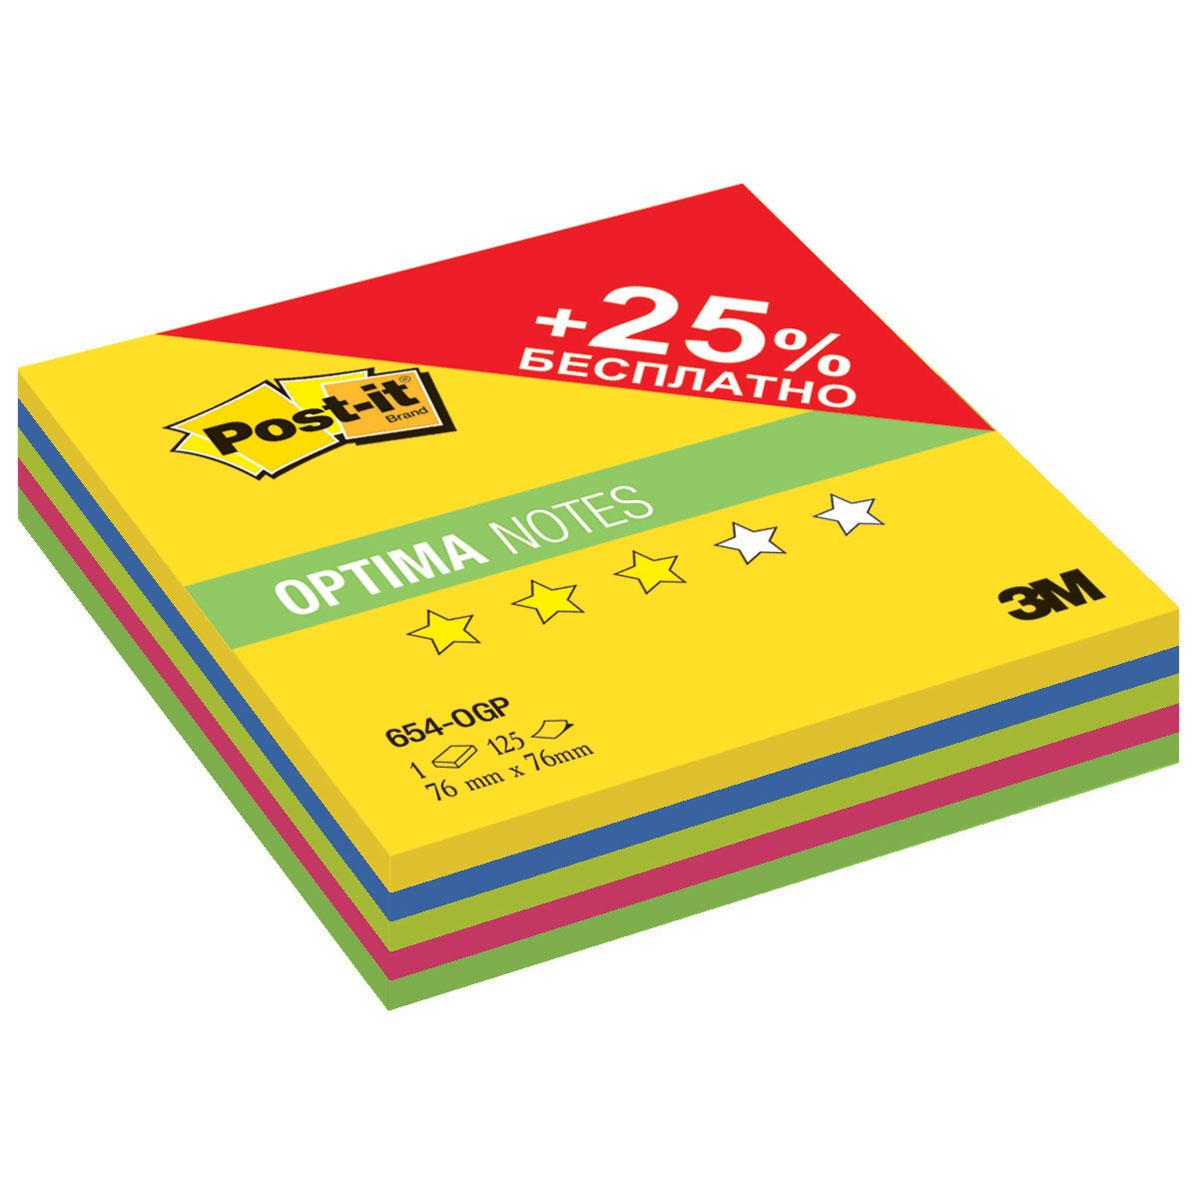 Post-it Бумага для заметок с липким слоем 125 листов 654-OGP0106006Бумага для заметок Post-it - эффективный офисный инструмент, позволяющий рационально организовать работу, используя разнообразные цвета для обозначения дел разной важности.Листы выполнены из цветной бумаги с клеевым краем. Их можно наклеивать на любую гладкую поверхность, не опасаясь оставить след от клея. Клеевой слой не высыхает и выдерживает многократное приклеивание к большинству поверхностей.Блок включает 125 листов пяти различных цветов.